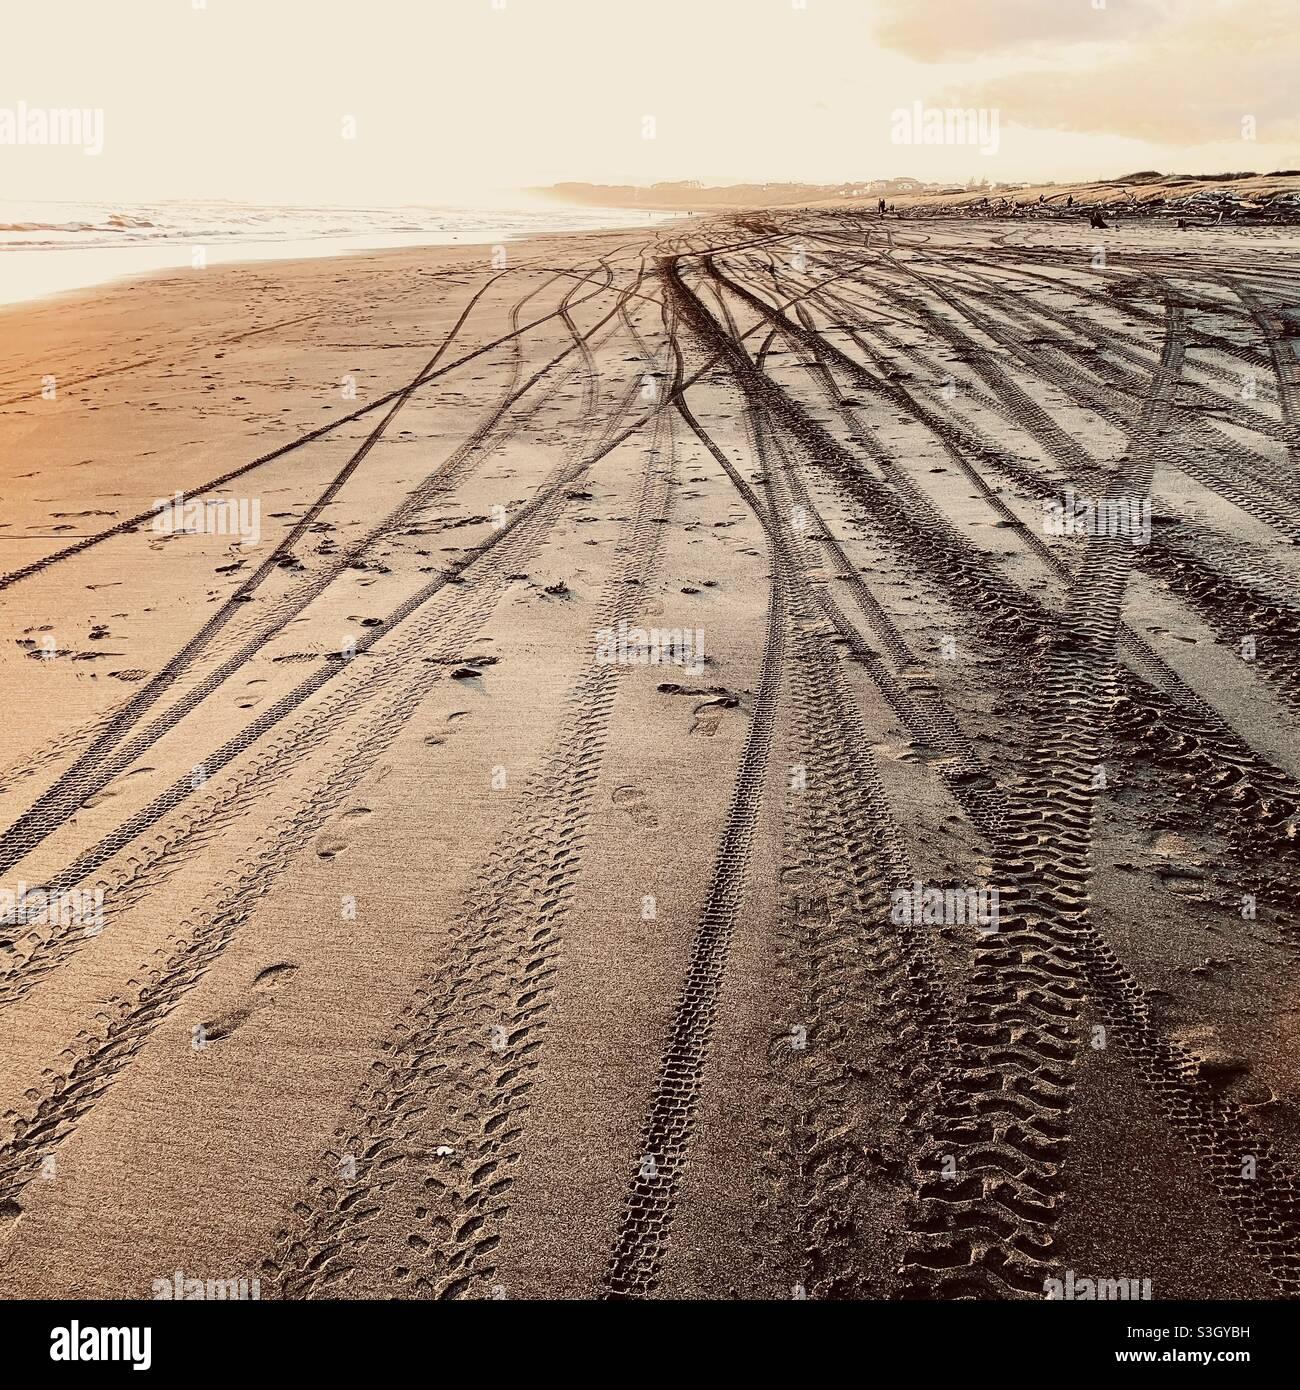 Piste di pneumatici nella sabbia di Castlecliff Beach in Nuova Zelanda Foto Stock